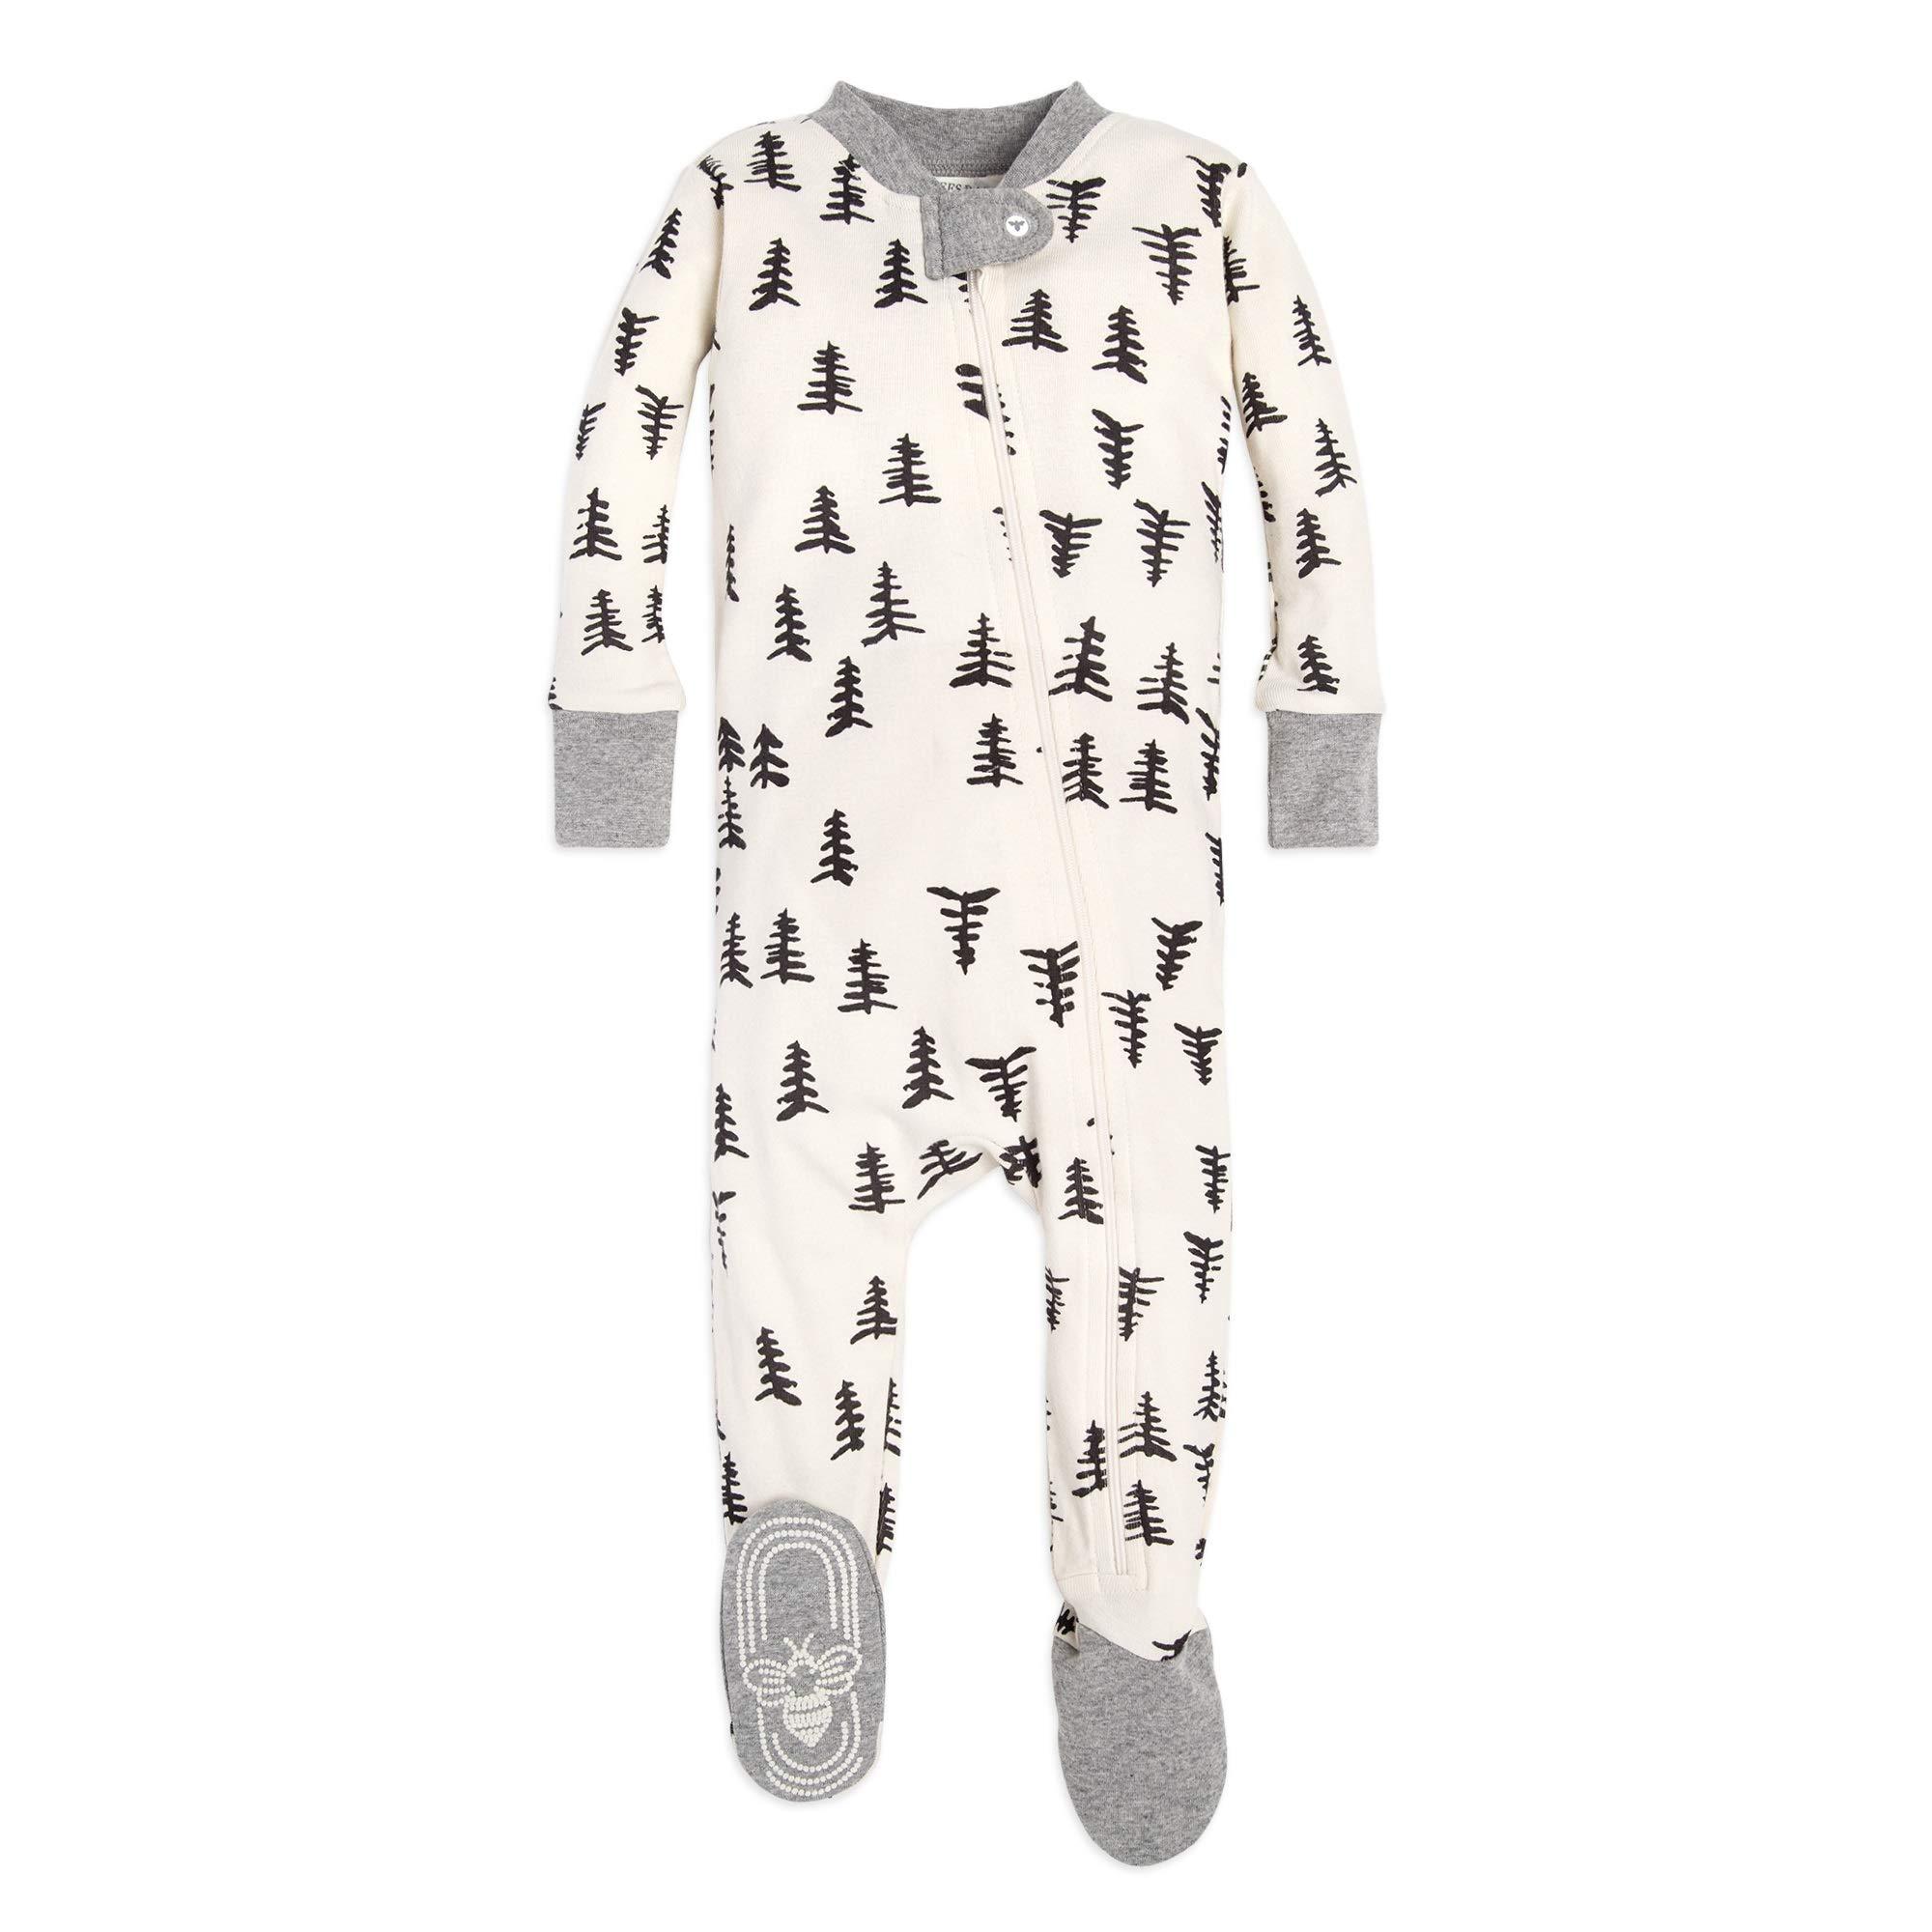 0dc2e1be1 Burt s Bees Baby - Unisex Baby Sleeper Pajamas